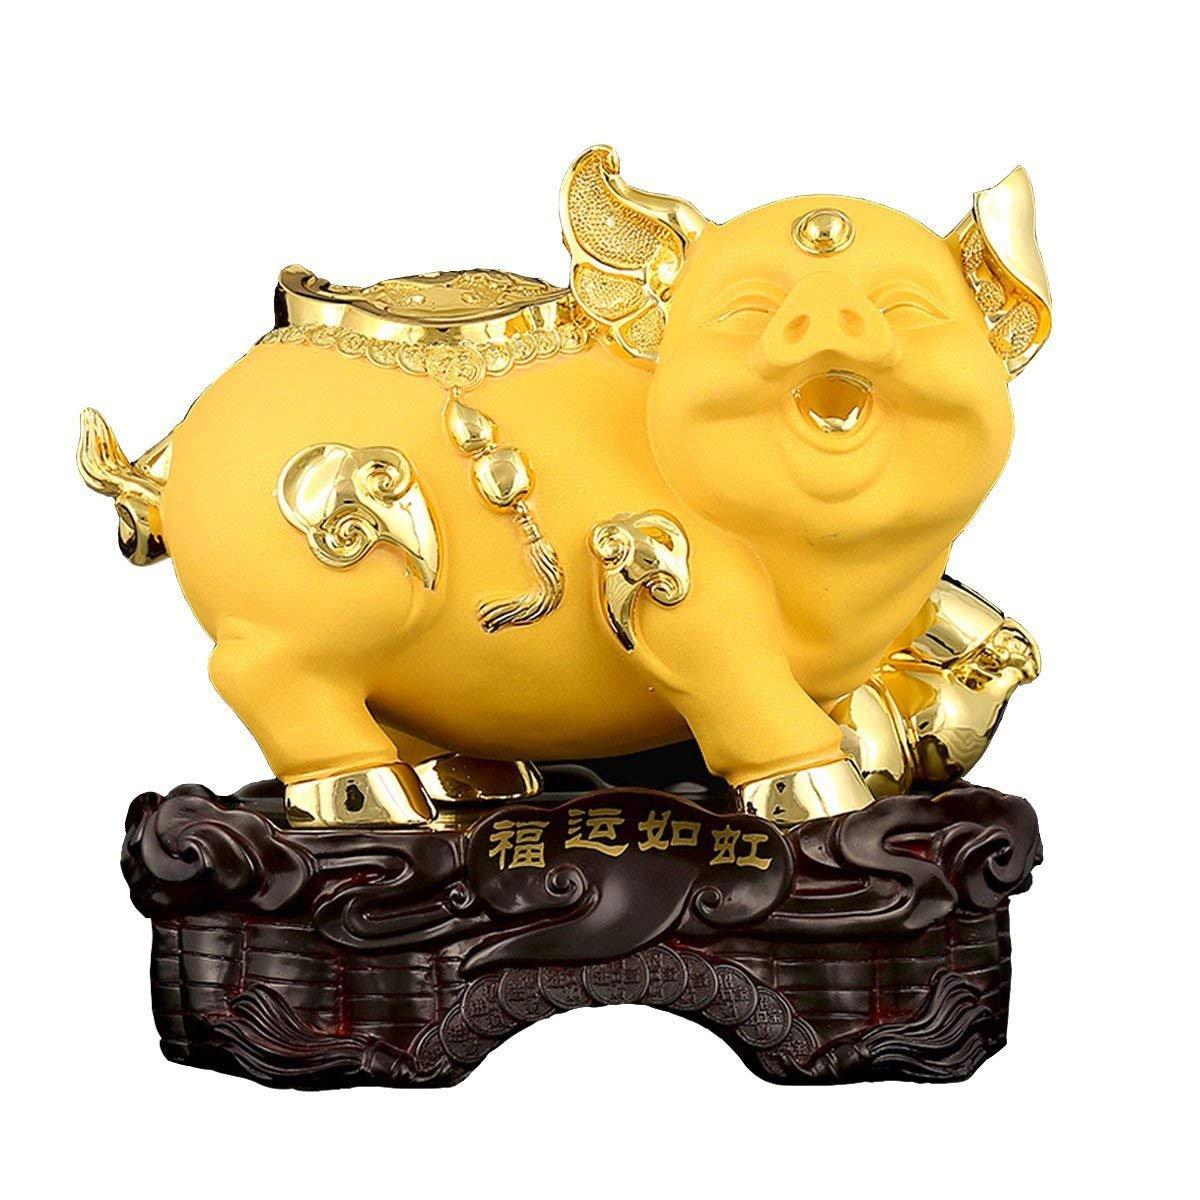 CCSP-Adornment Maiale decorazione maiale artigianato maiale Zodiaco soggiorno decorazione TV gabinetto decorazione ufficio regali creativi